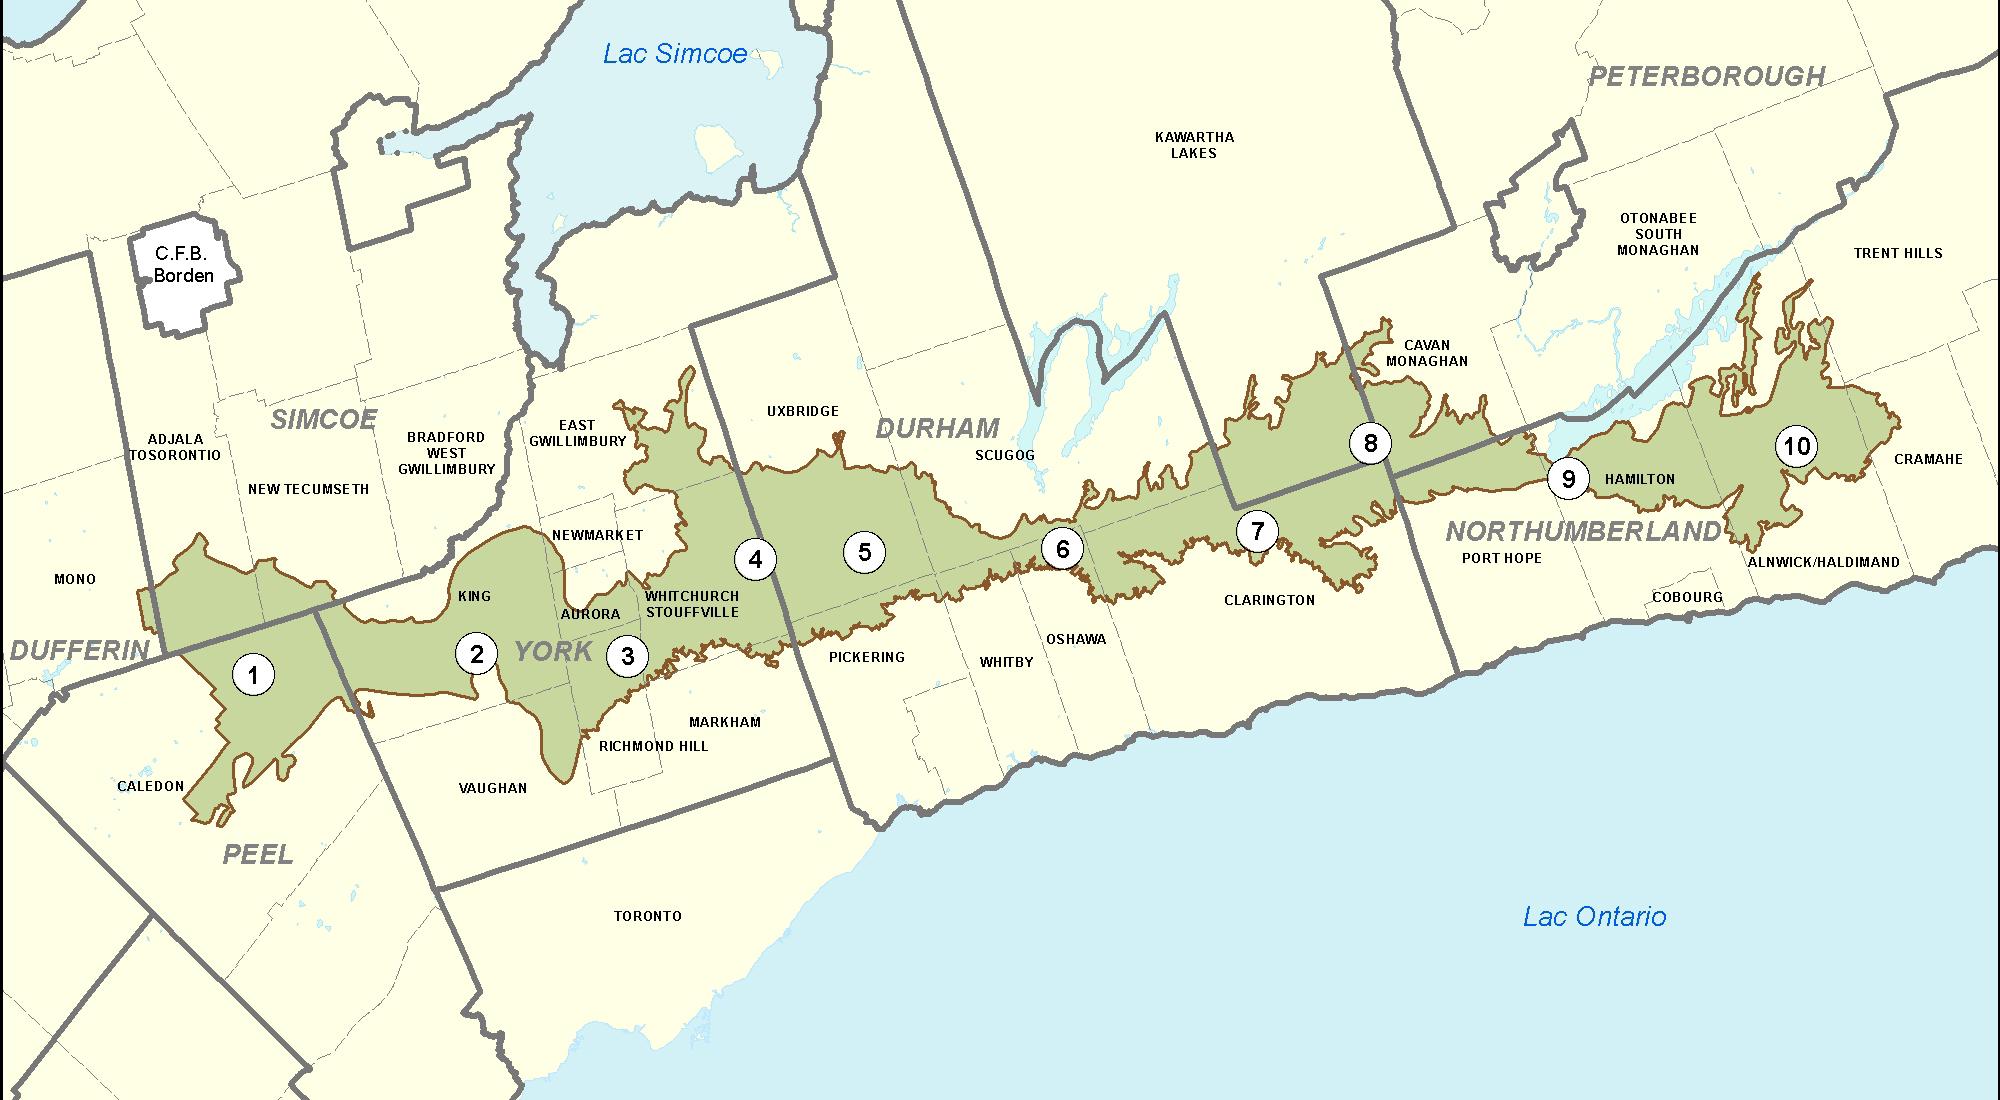 carte de la zone de conservation de la moraine d'Oak Ridges divisée en10secteurs municipaux, présentés ci-dessous.